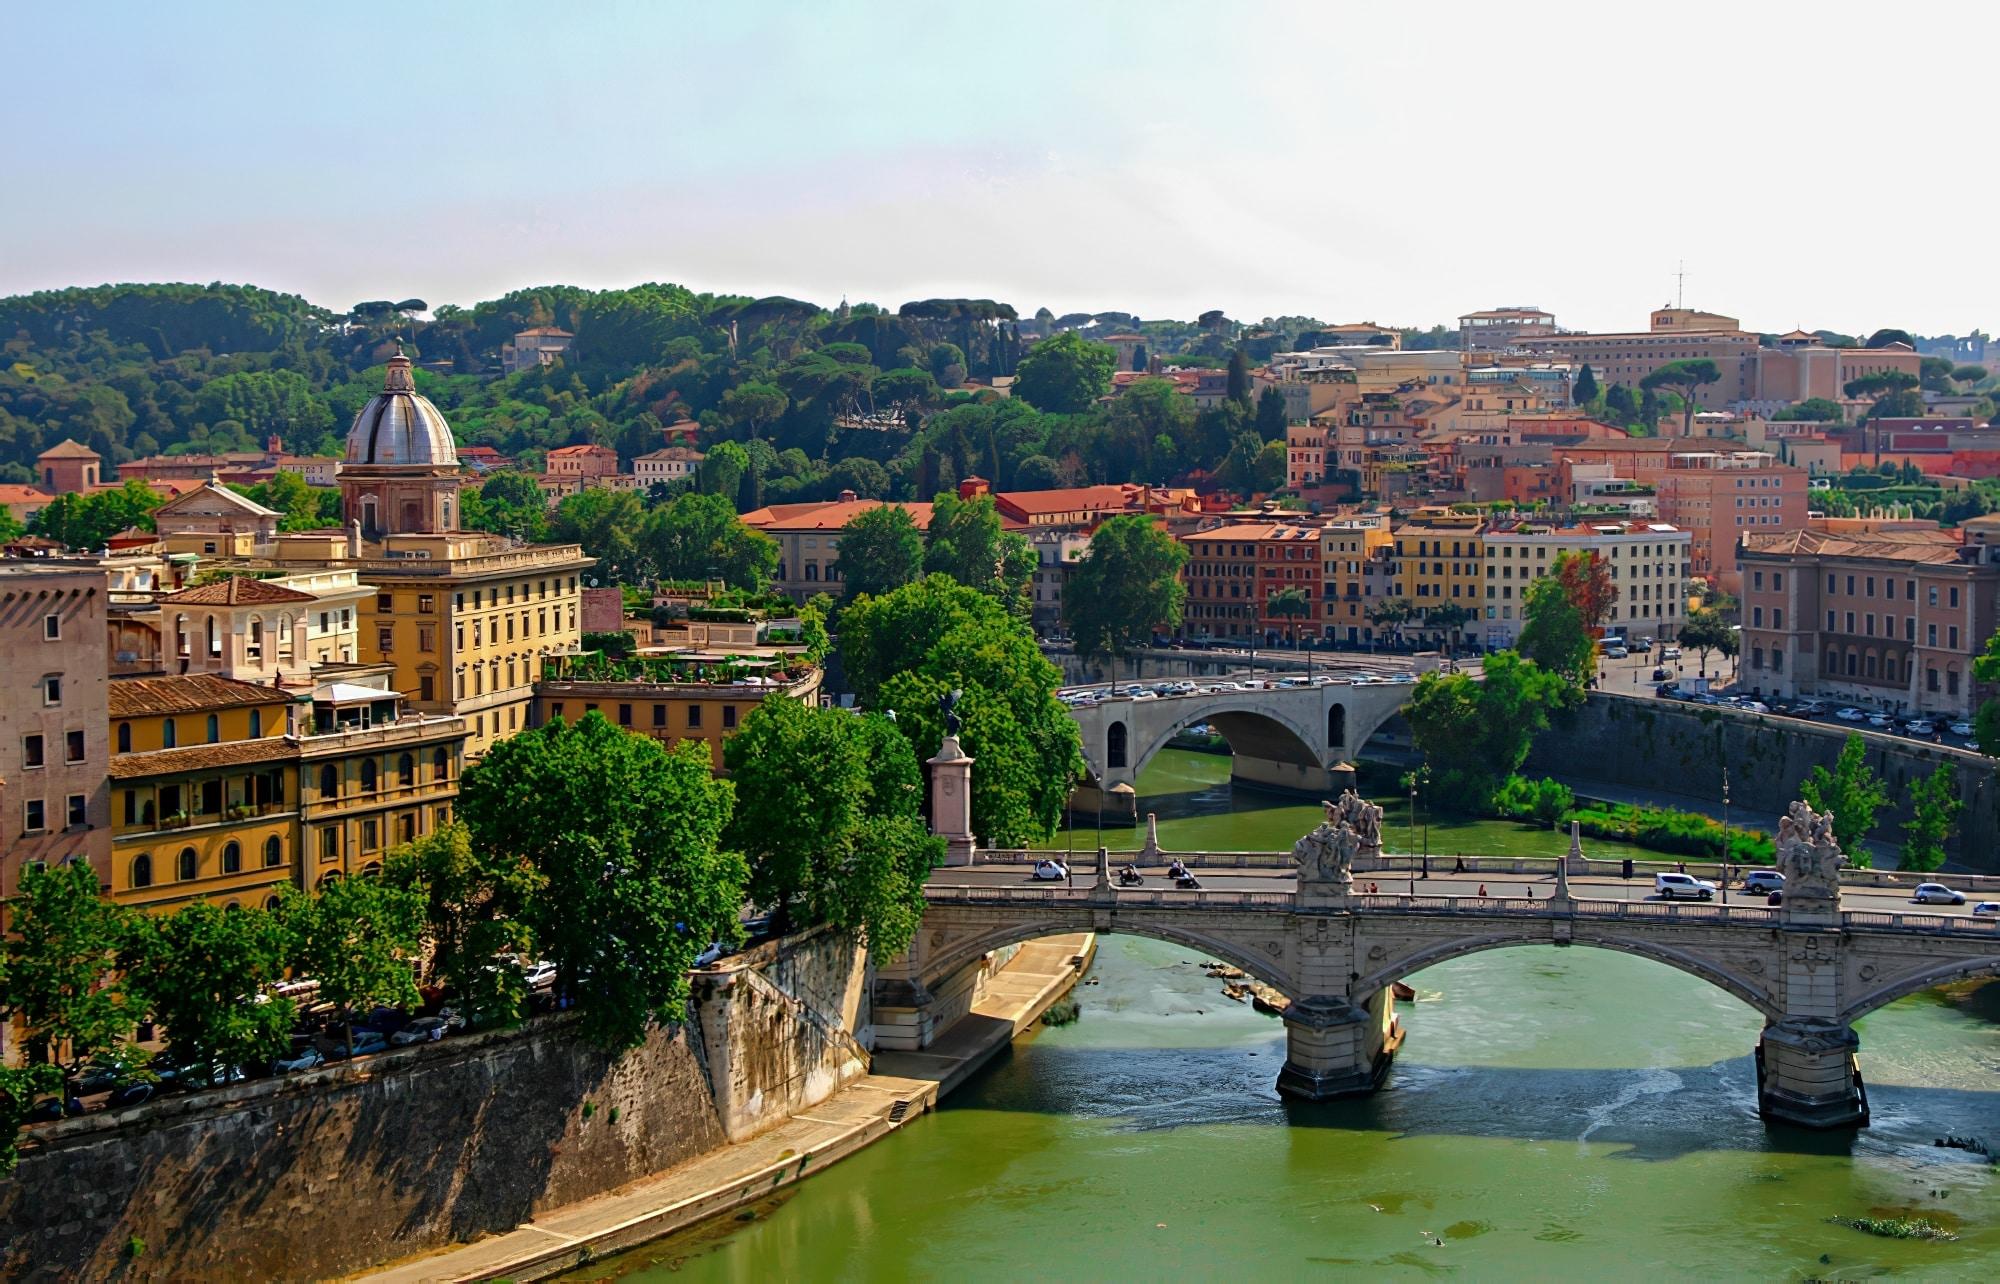 Visiter Trastevere, l'un des plus beaux quartiers de Rome